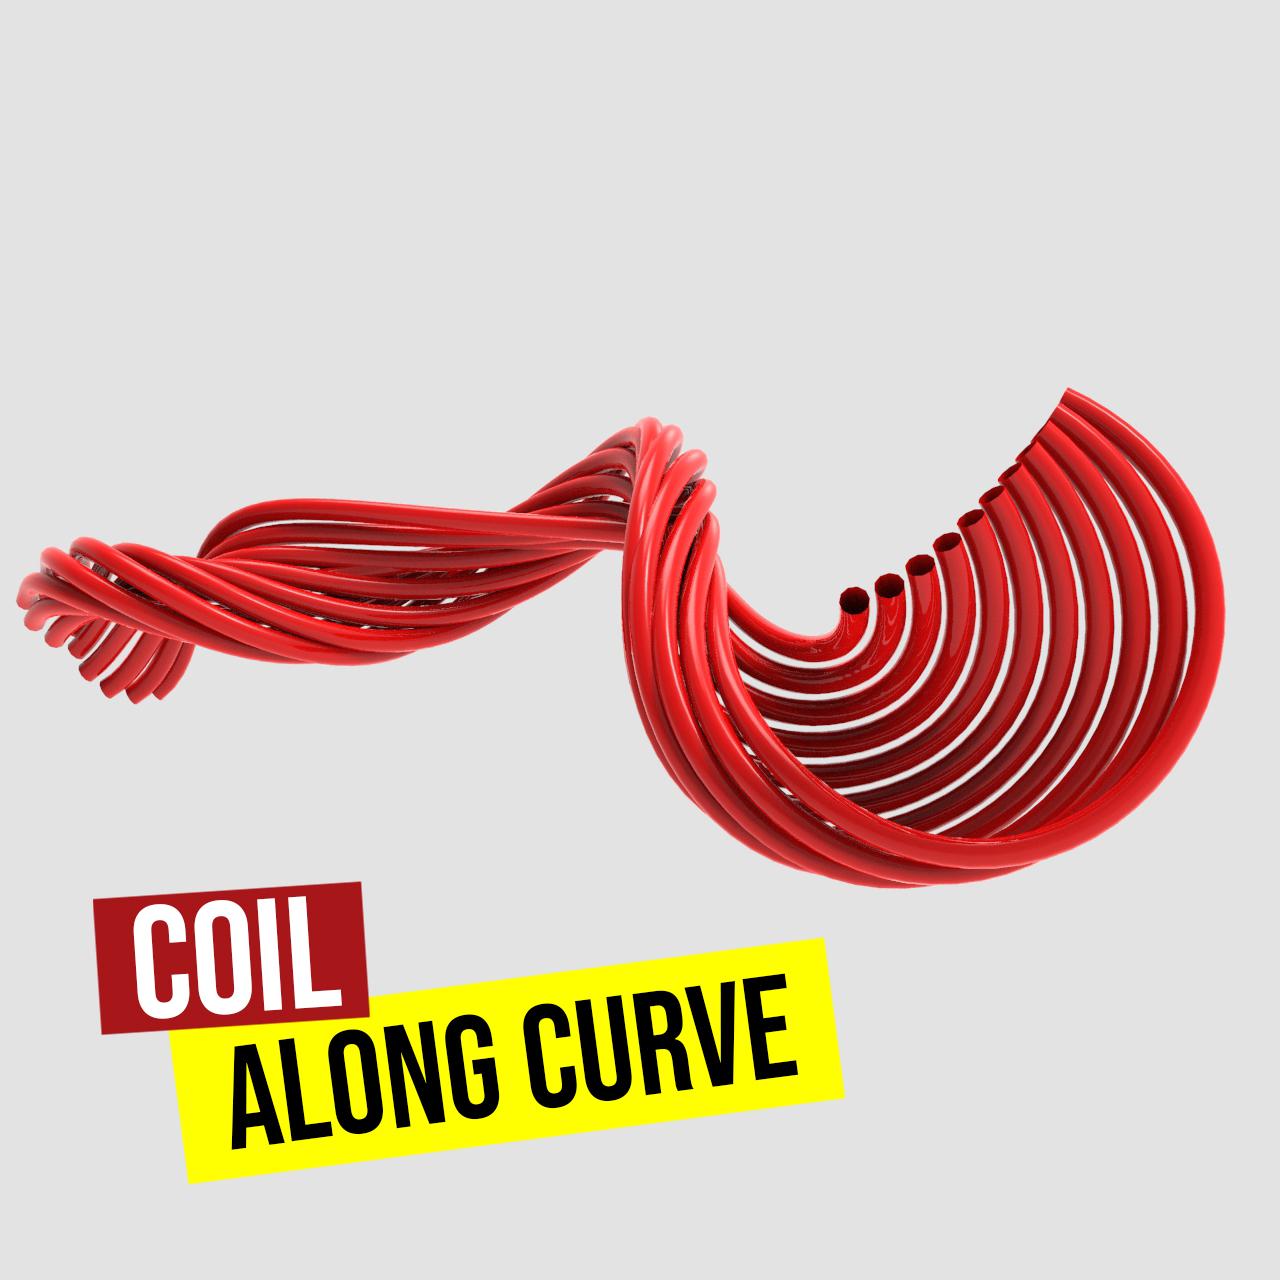 Coil along curve-1200